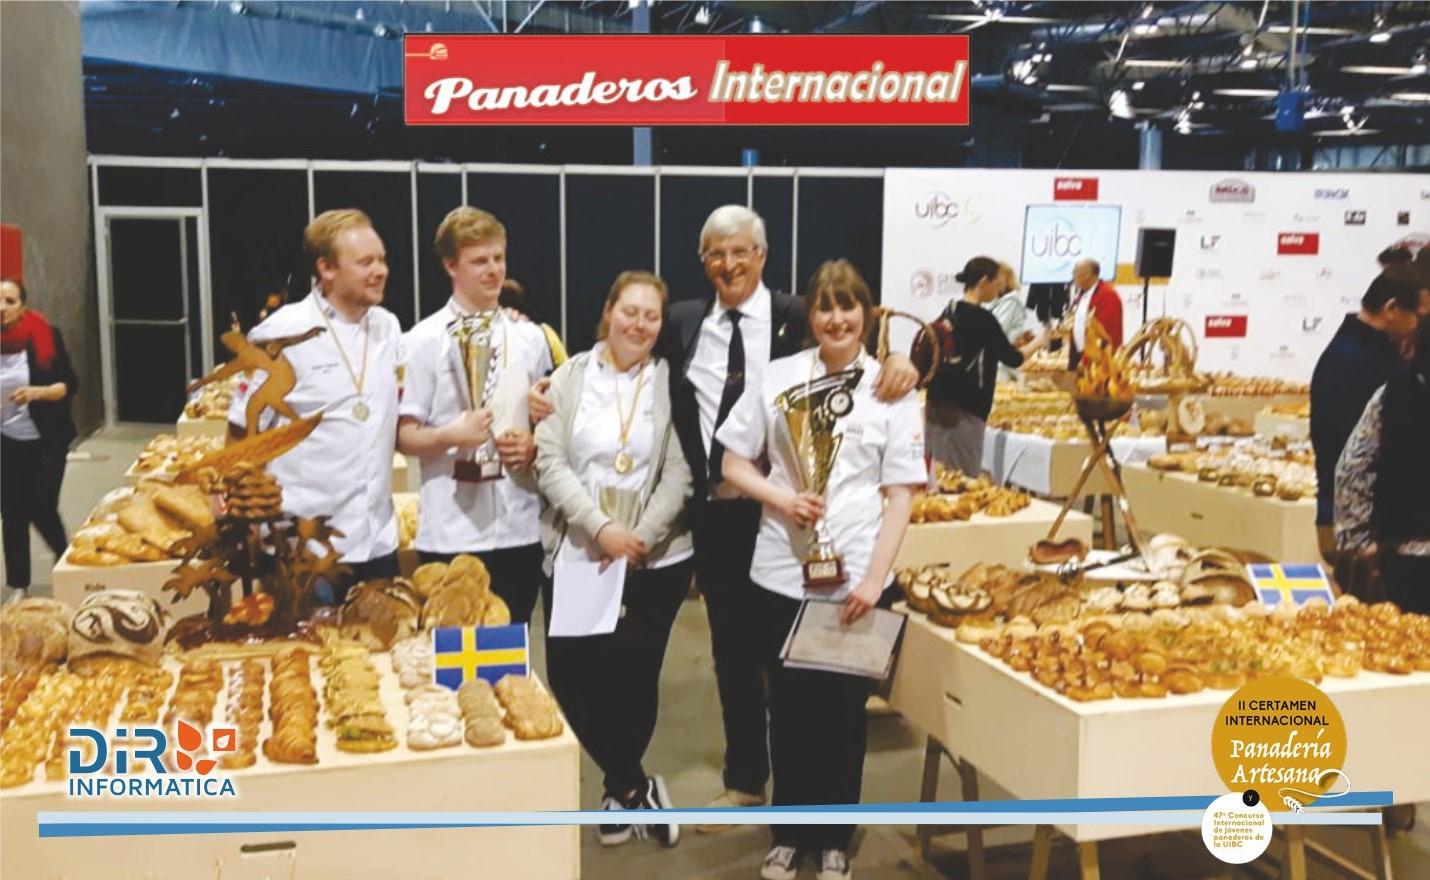 II Certamen Internacional de Panadería – 47º Campeonato Internacional de Jóvenes Panaderos